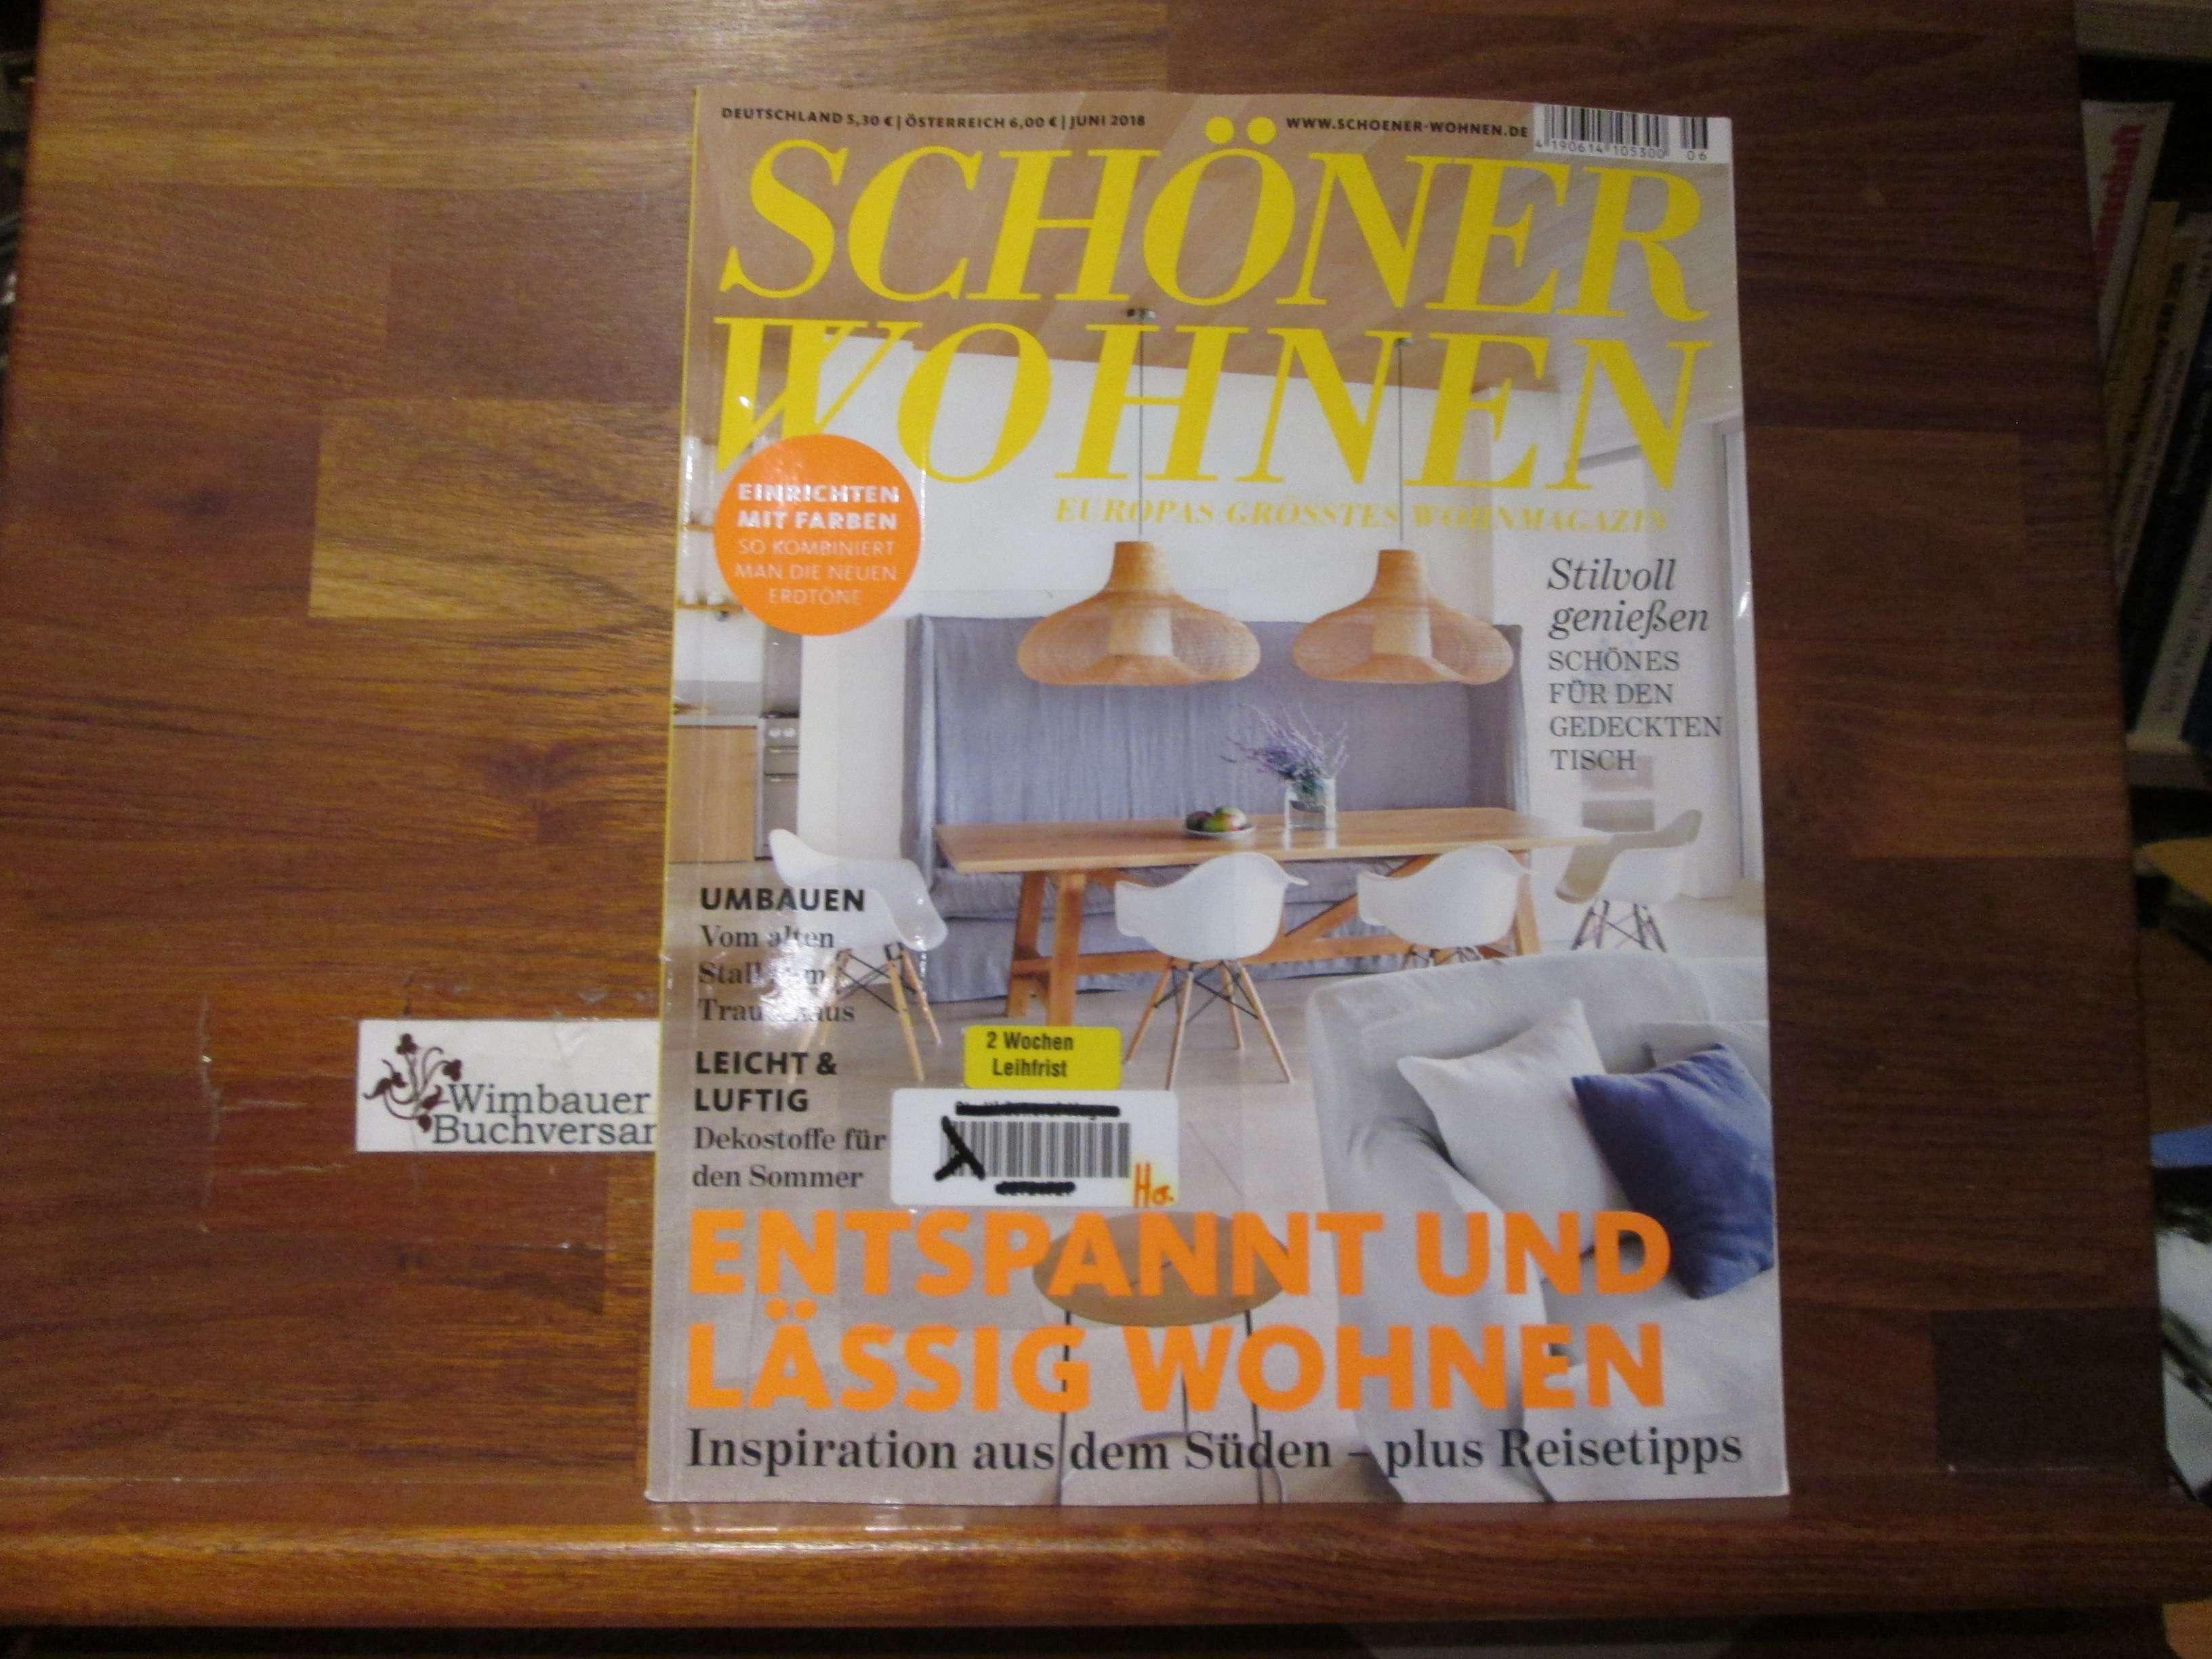 Schöner Wohnen - Europas grösstes Wohnmagazin.- Juni 2018 Entspannd und lässig wohnen